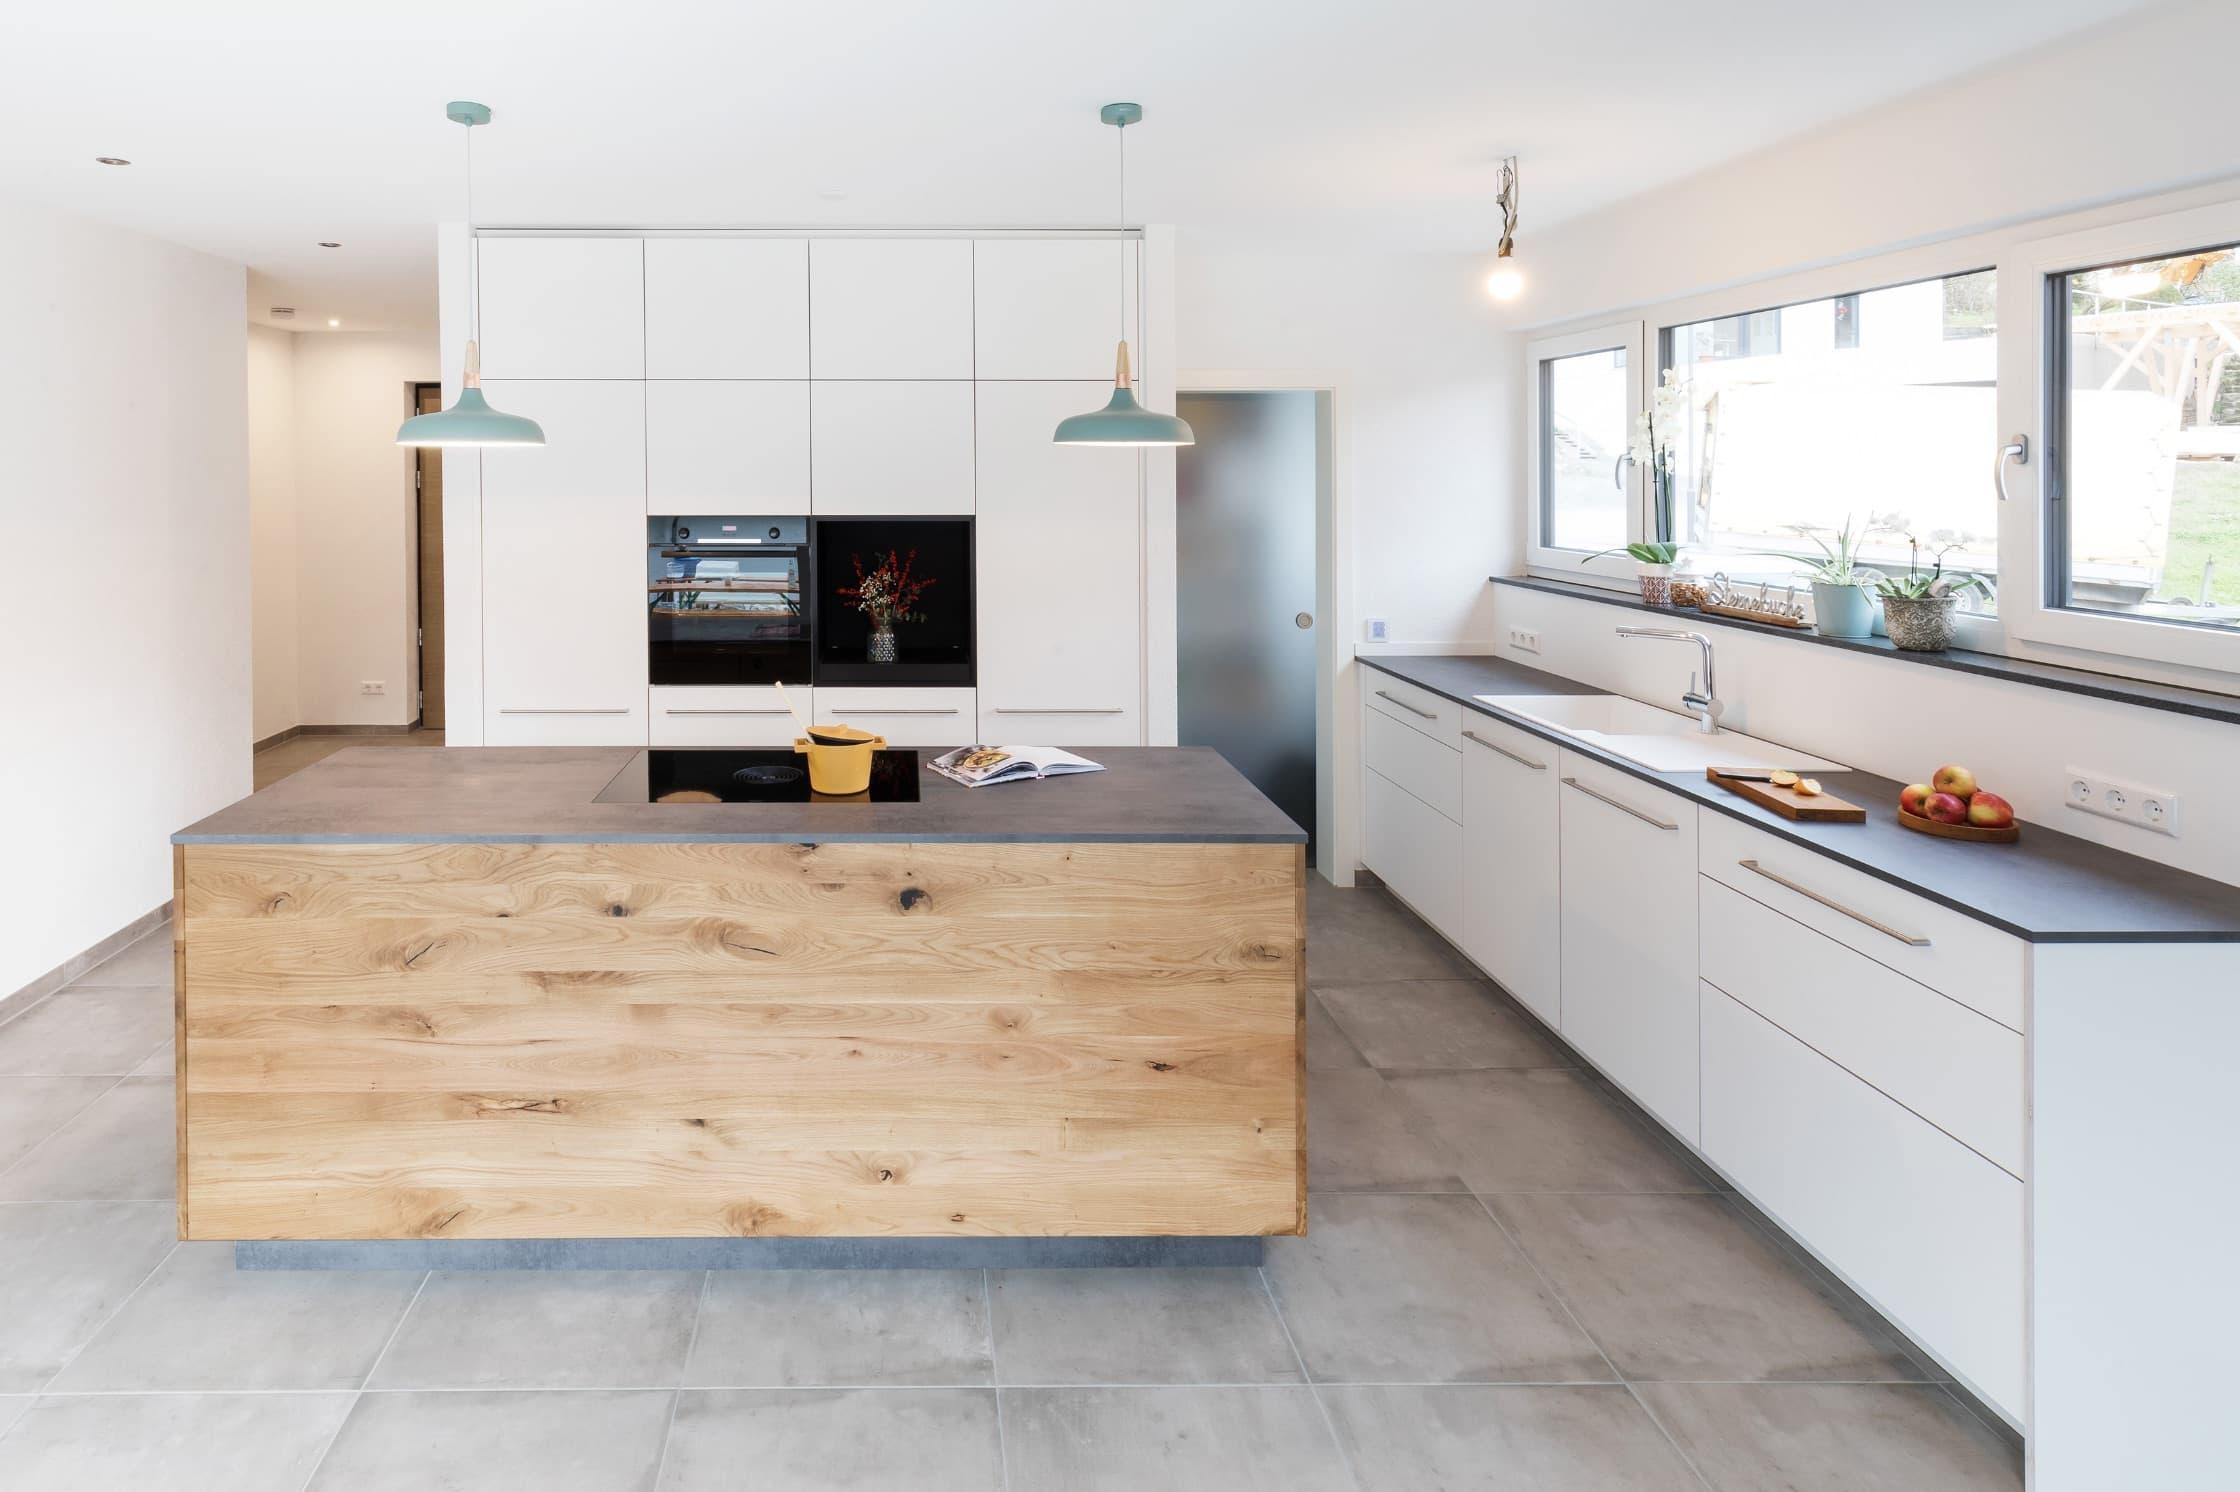 Küchen mit Kücheninsel